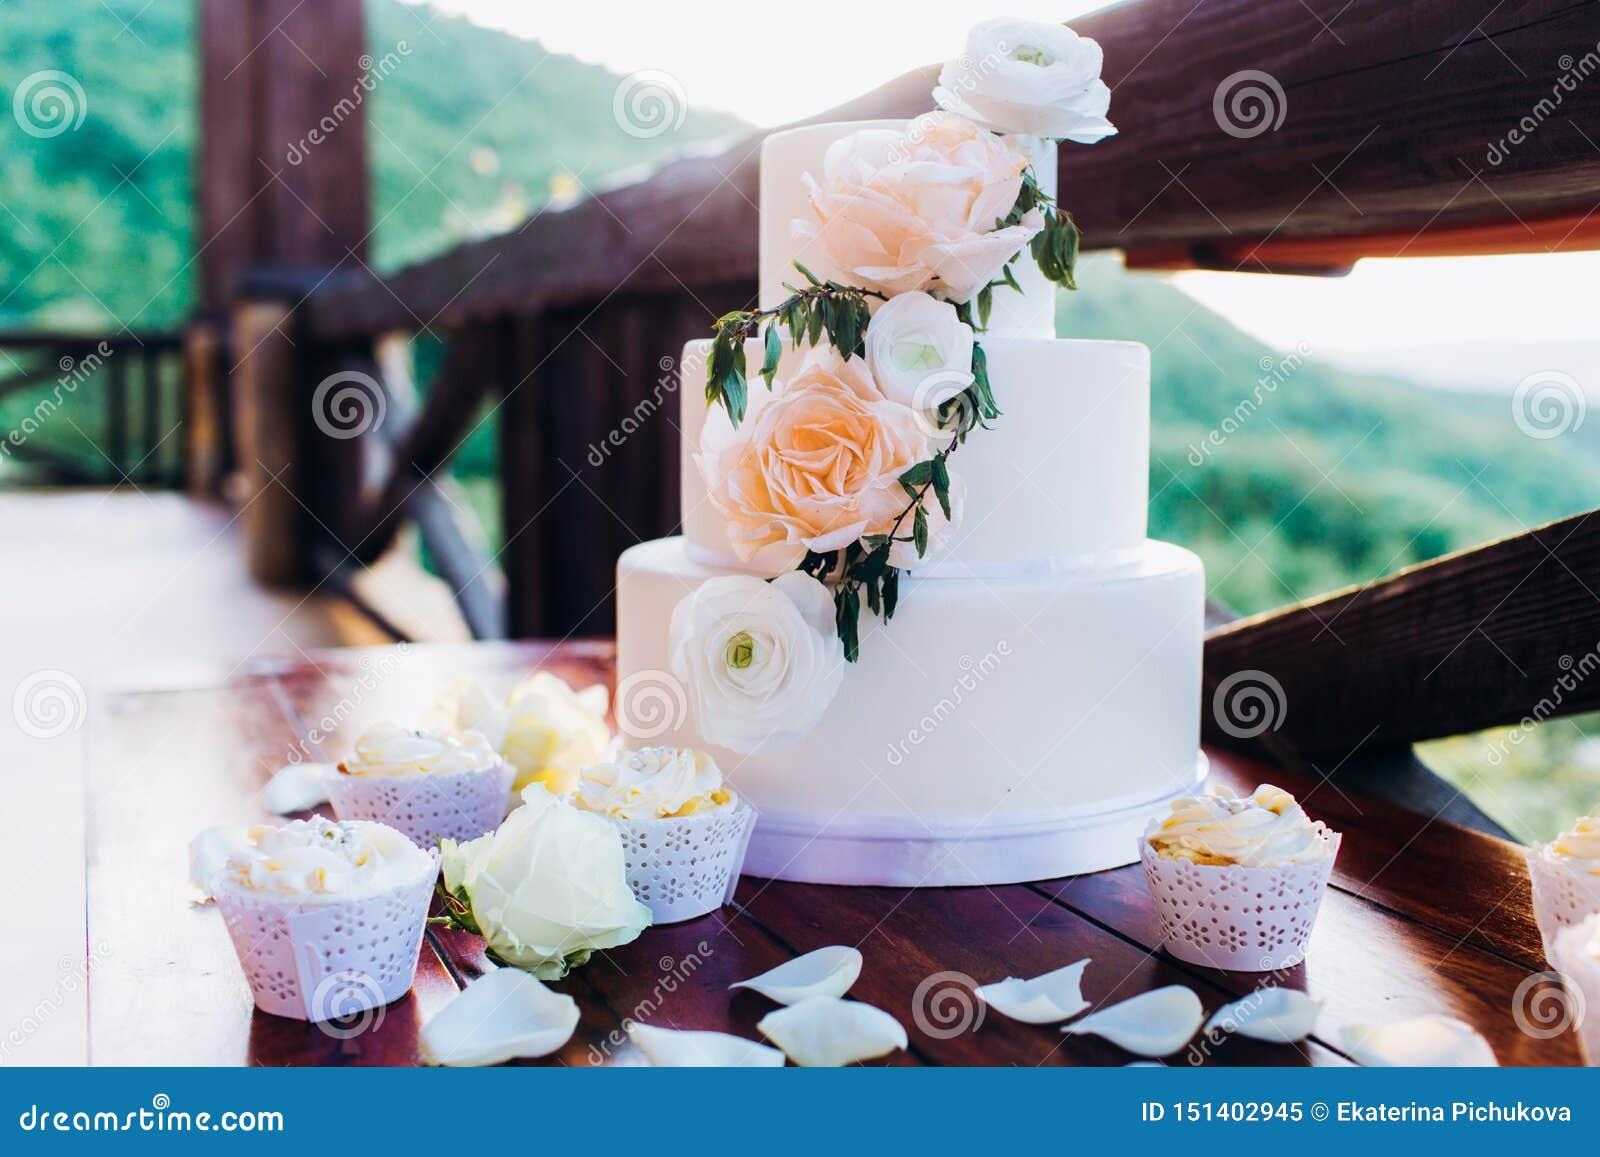 Weiße Hochzeitstorte mit Blumen auf einem Holztisch